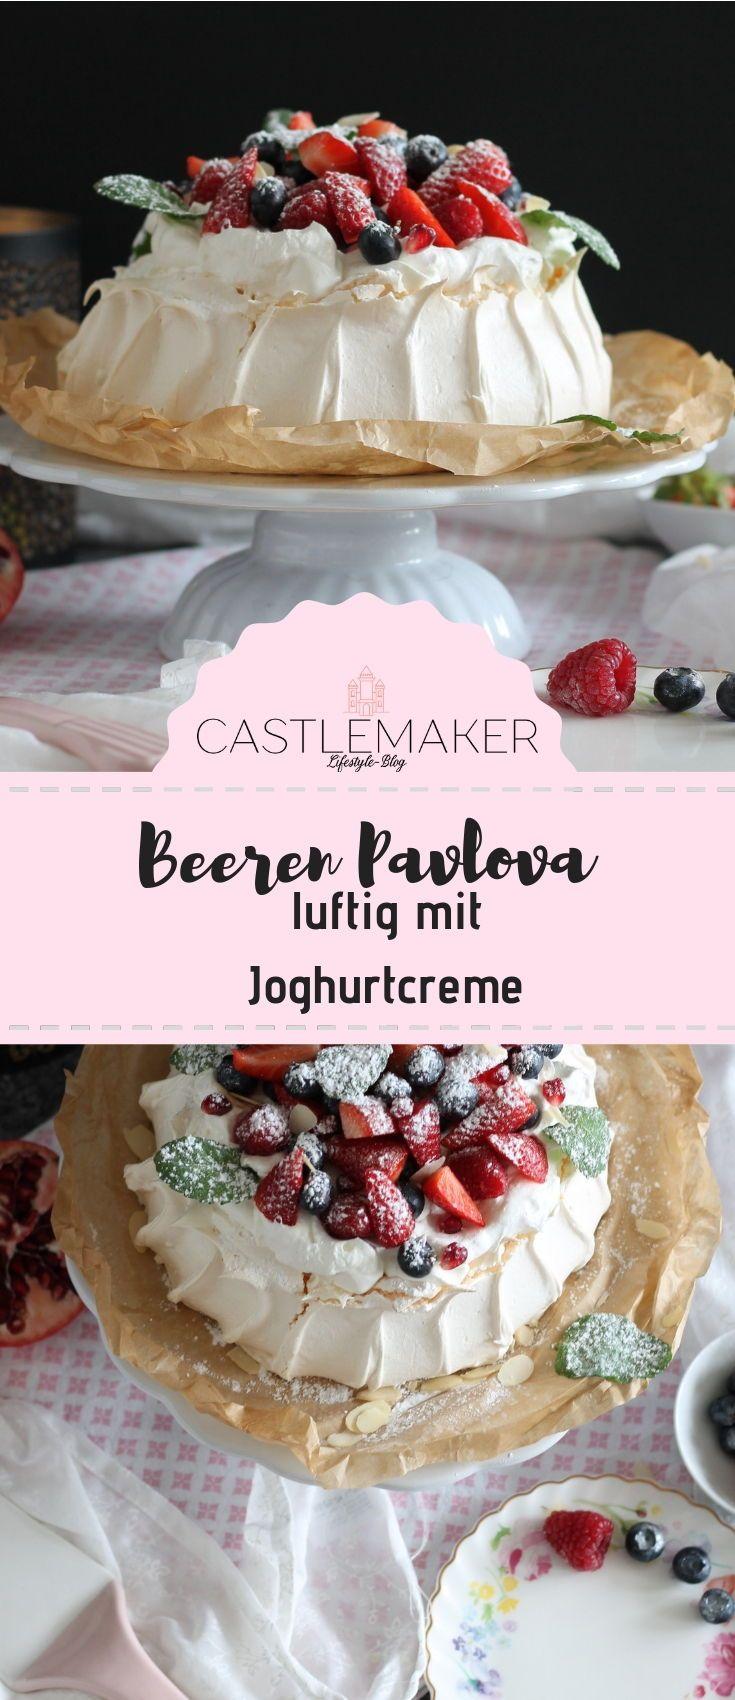 Beeren Pavlova - so geht das luftig leichte Dessert « CASTLEMAKER Lifestyle Blog